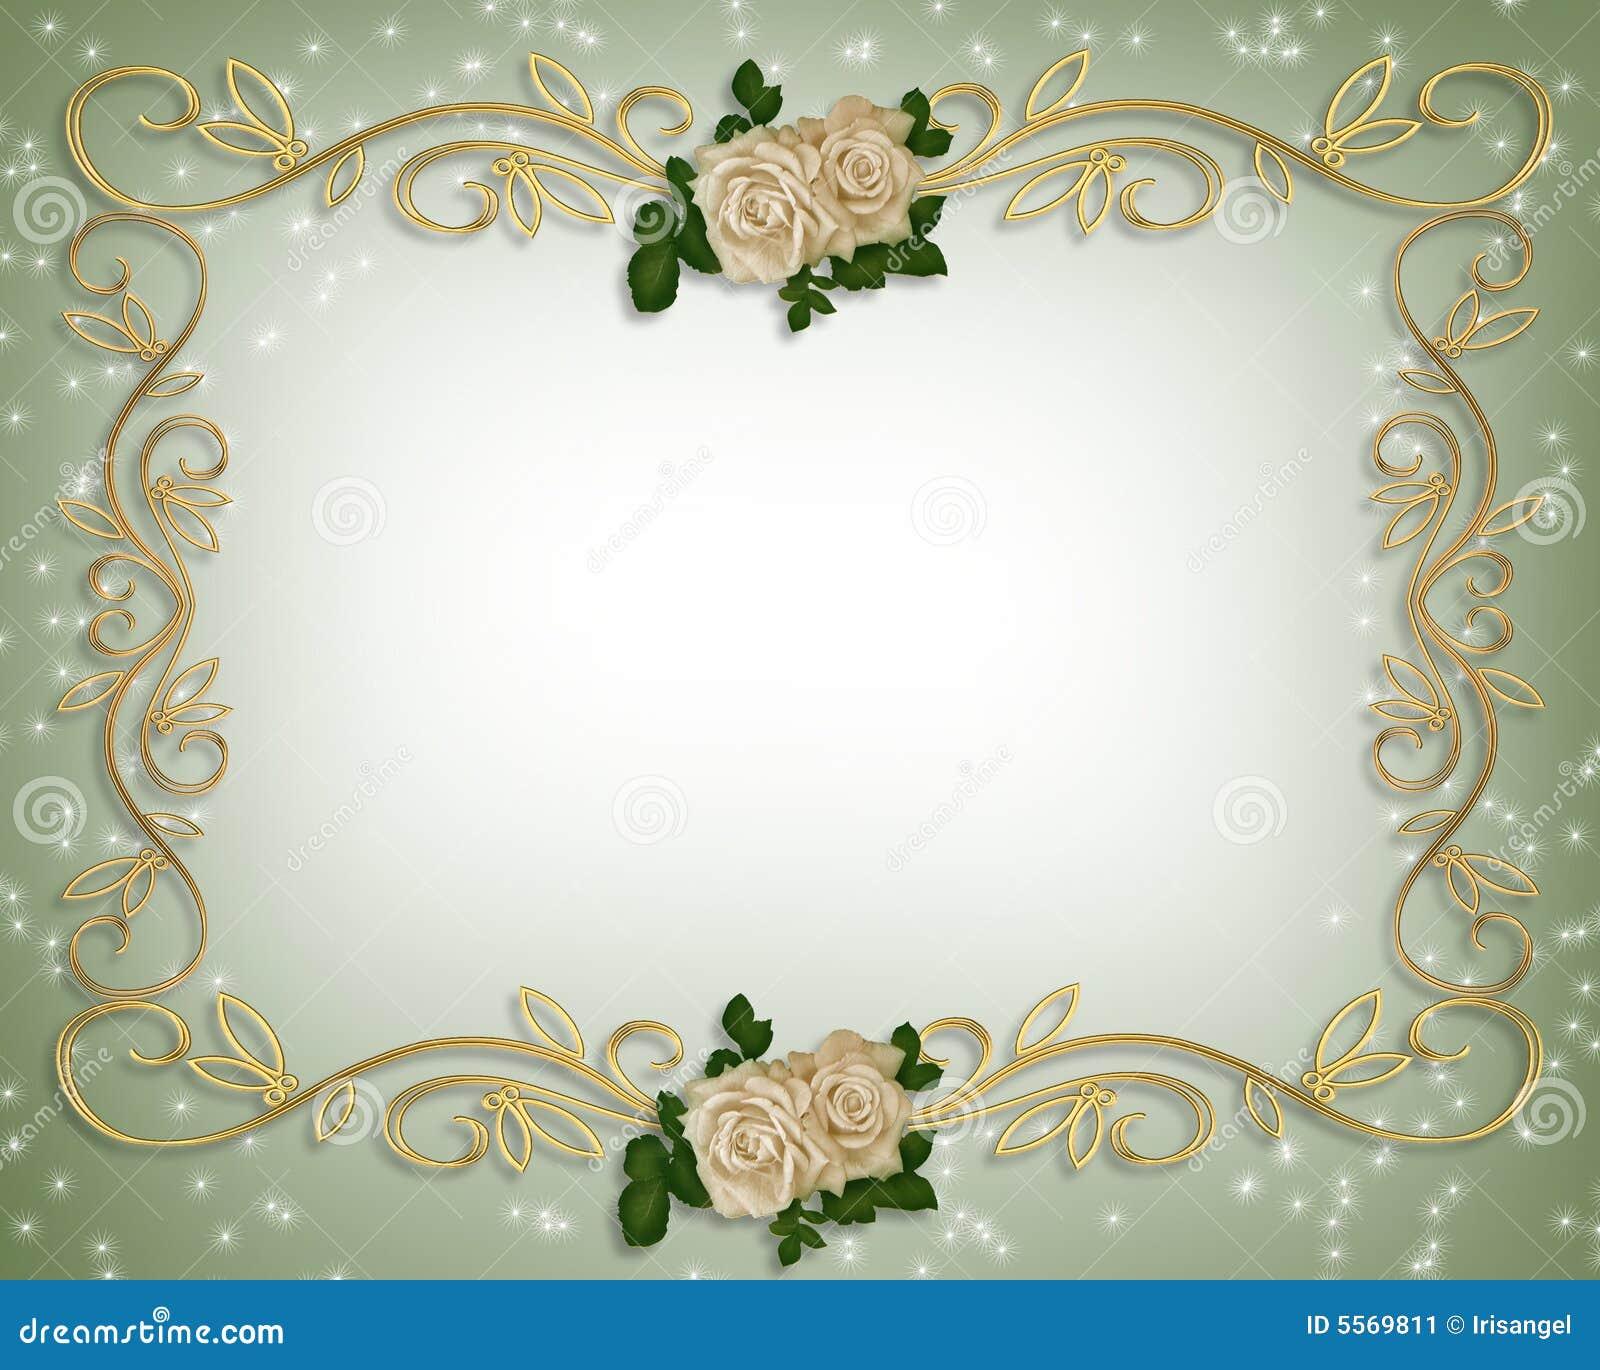 rose wedding invitation background - photo #44